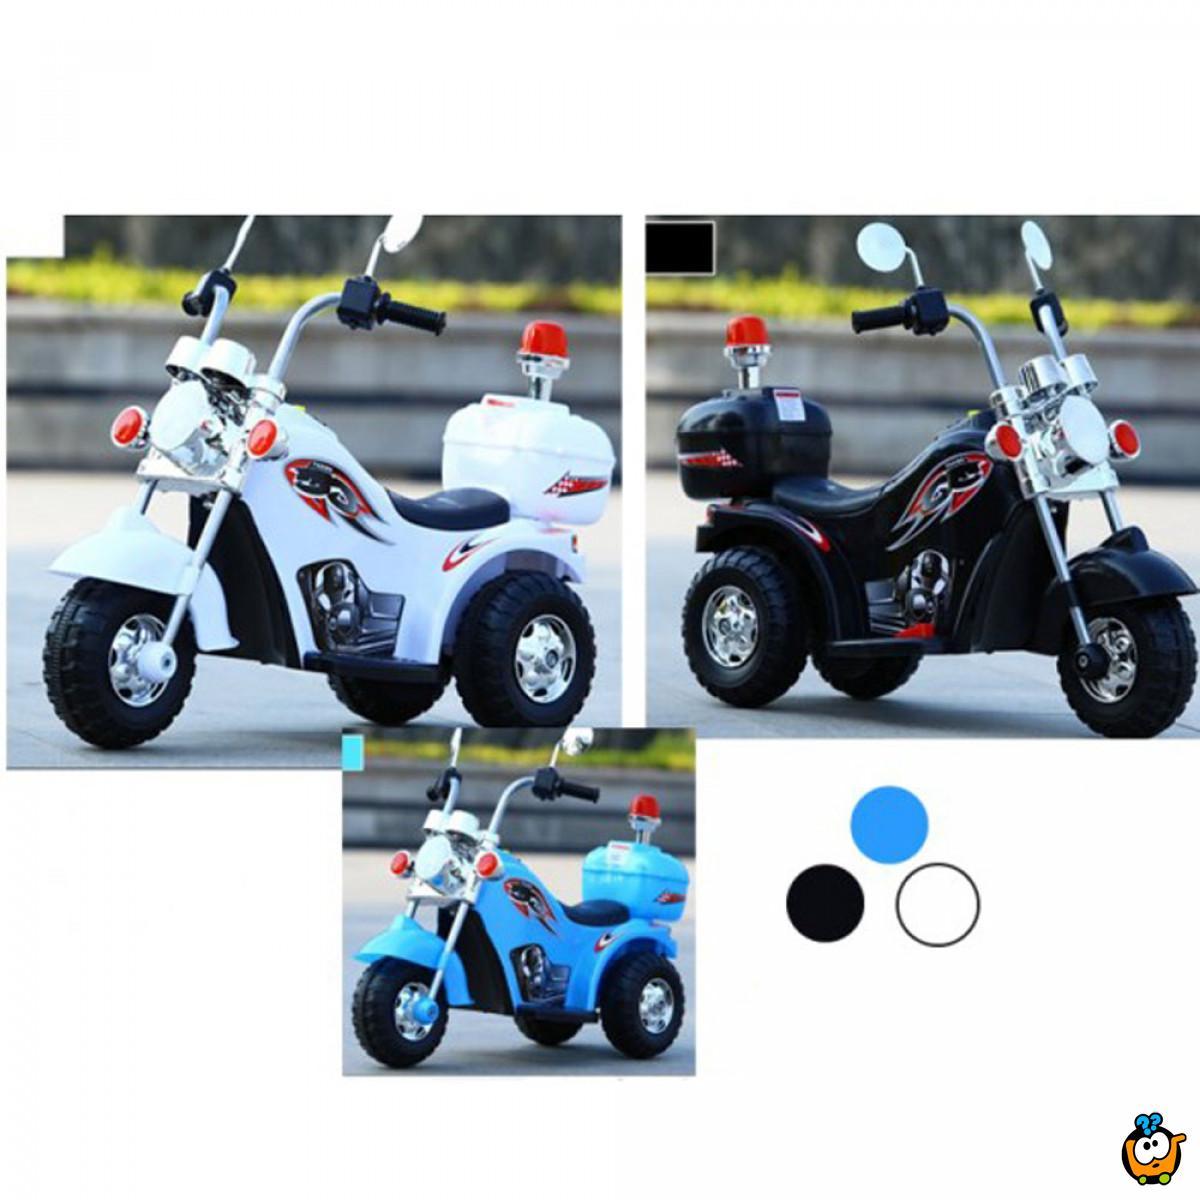 Harley mini bike - Motor za decu na akumulator